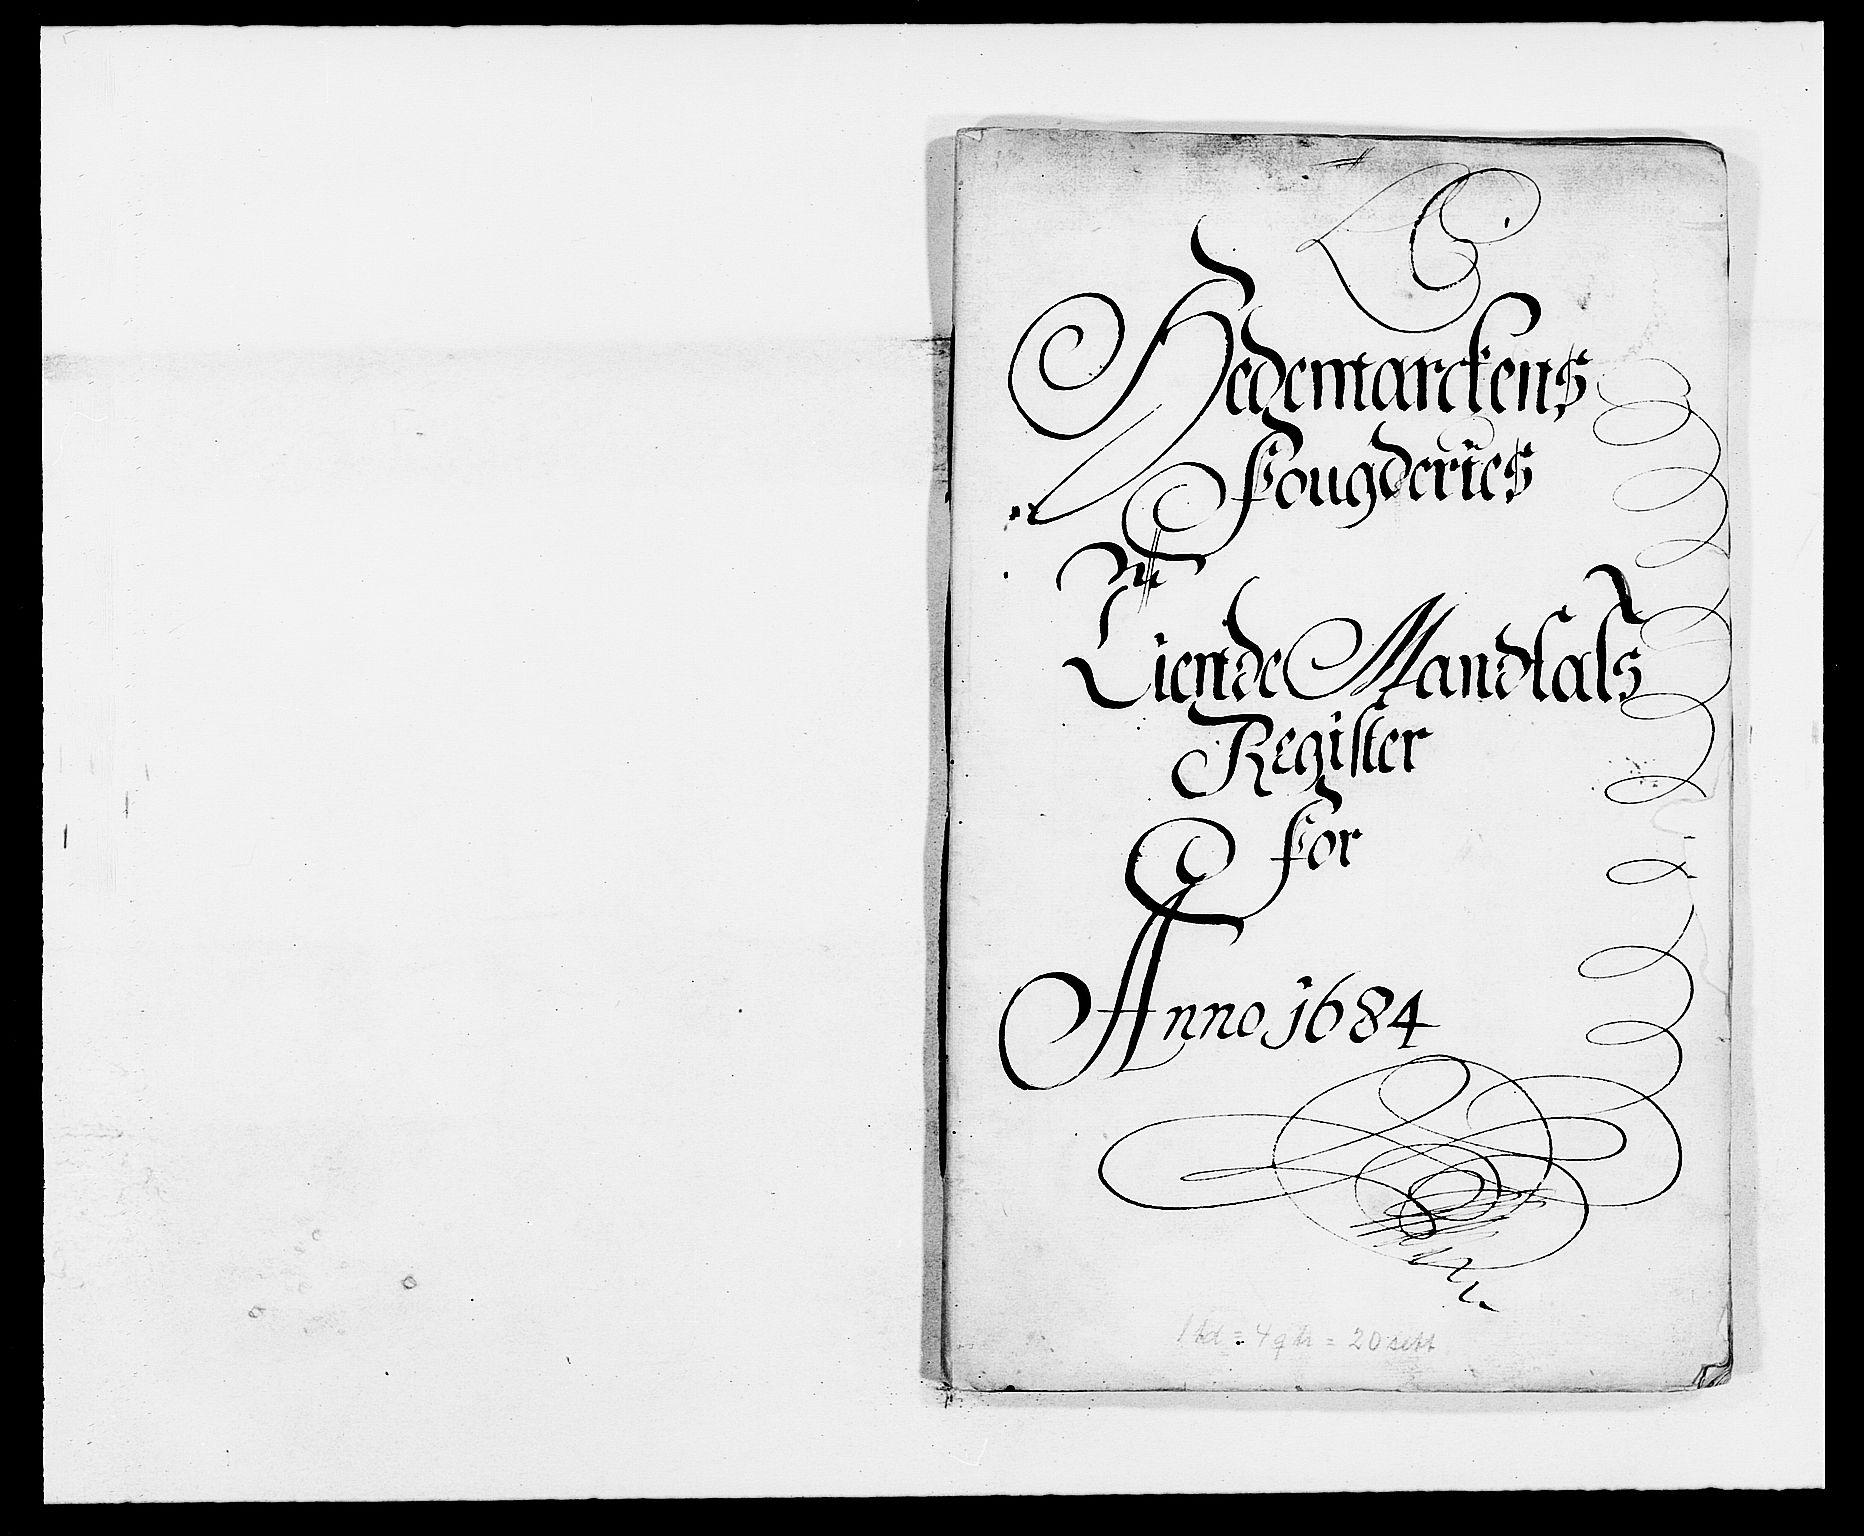 RA, Rentekammeret inntil 1814, Reviderte regnskaper, Fogderegnskap, R16/L1025: Fogderegnskap Hedmark, 1684, s. 227